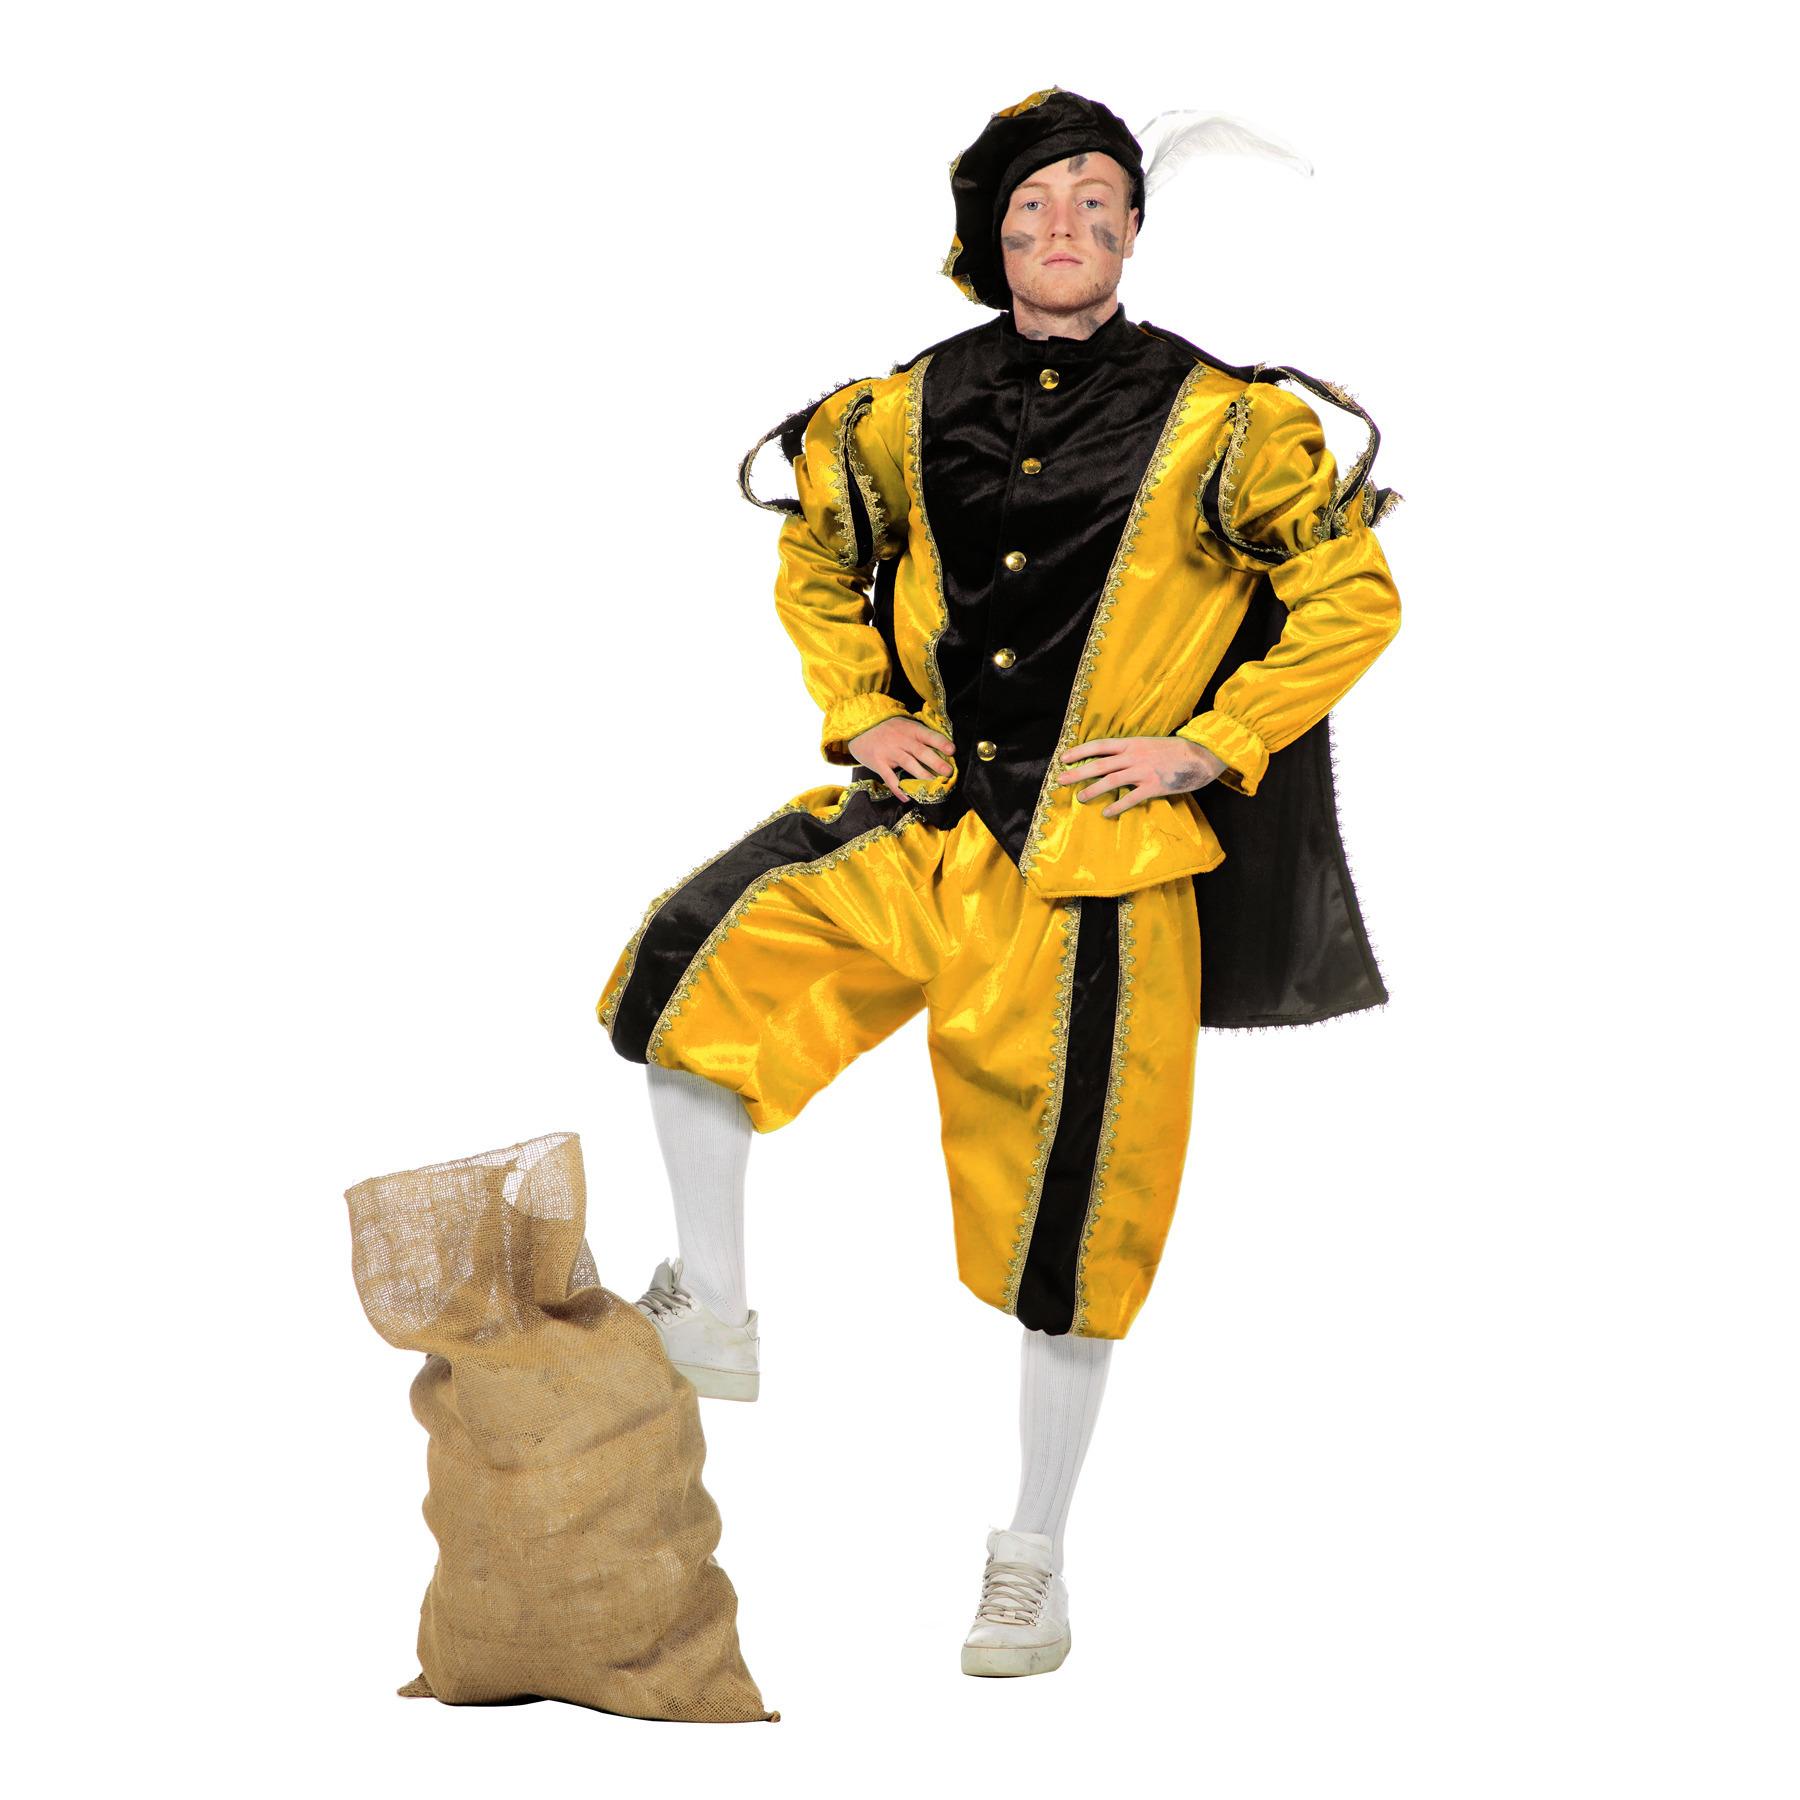 Merkloos Geel/zwarte pieten kostuum fluweel